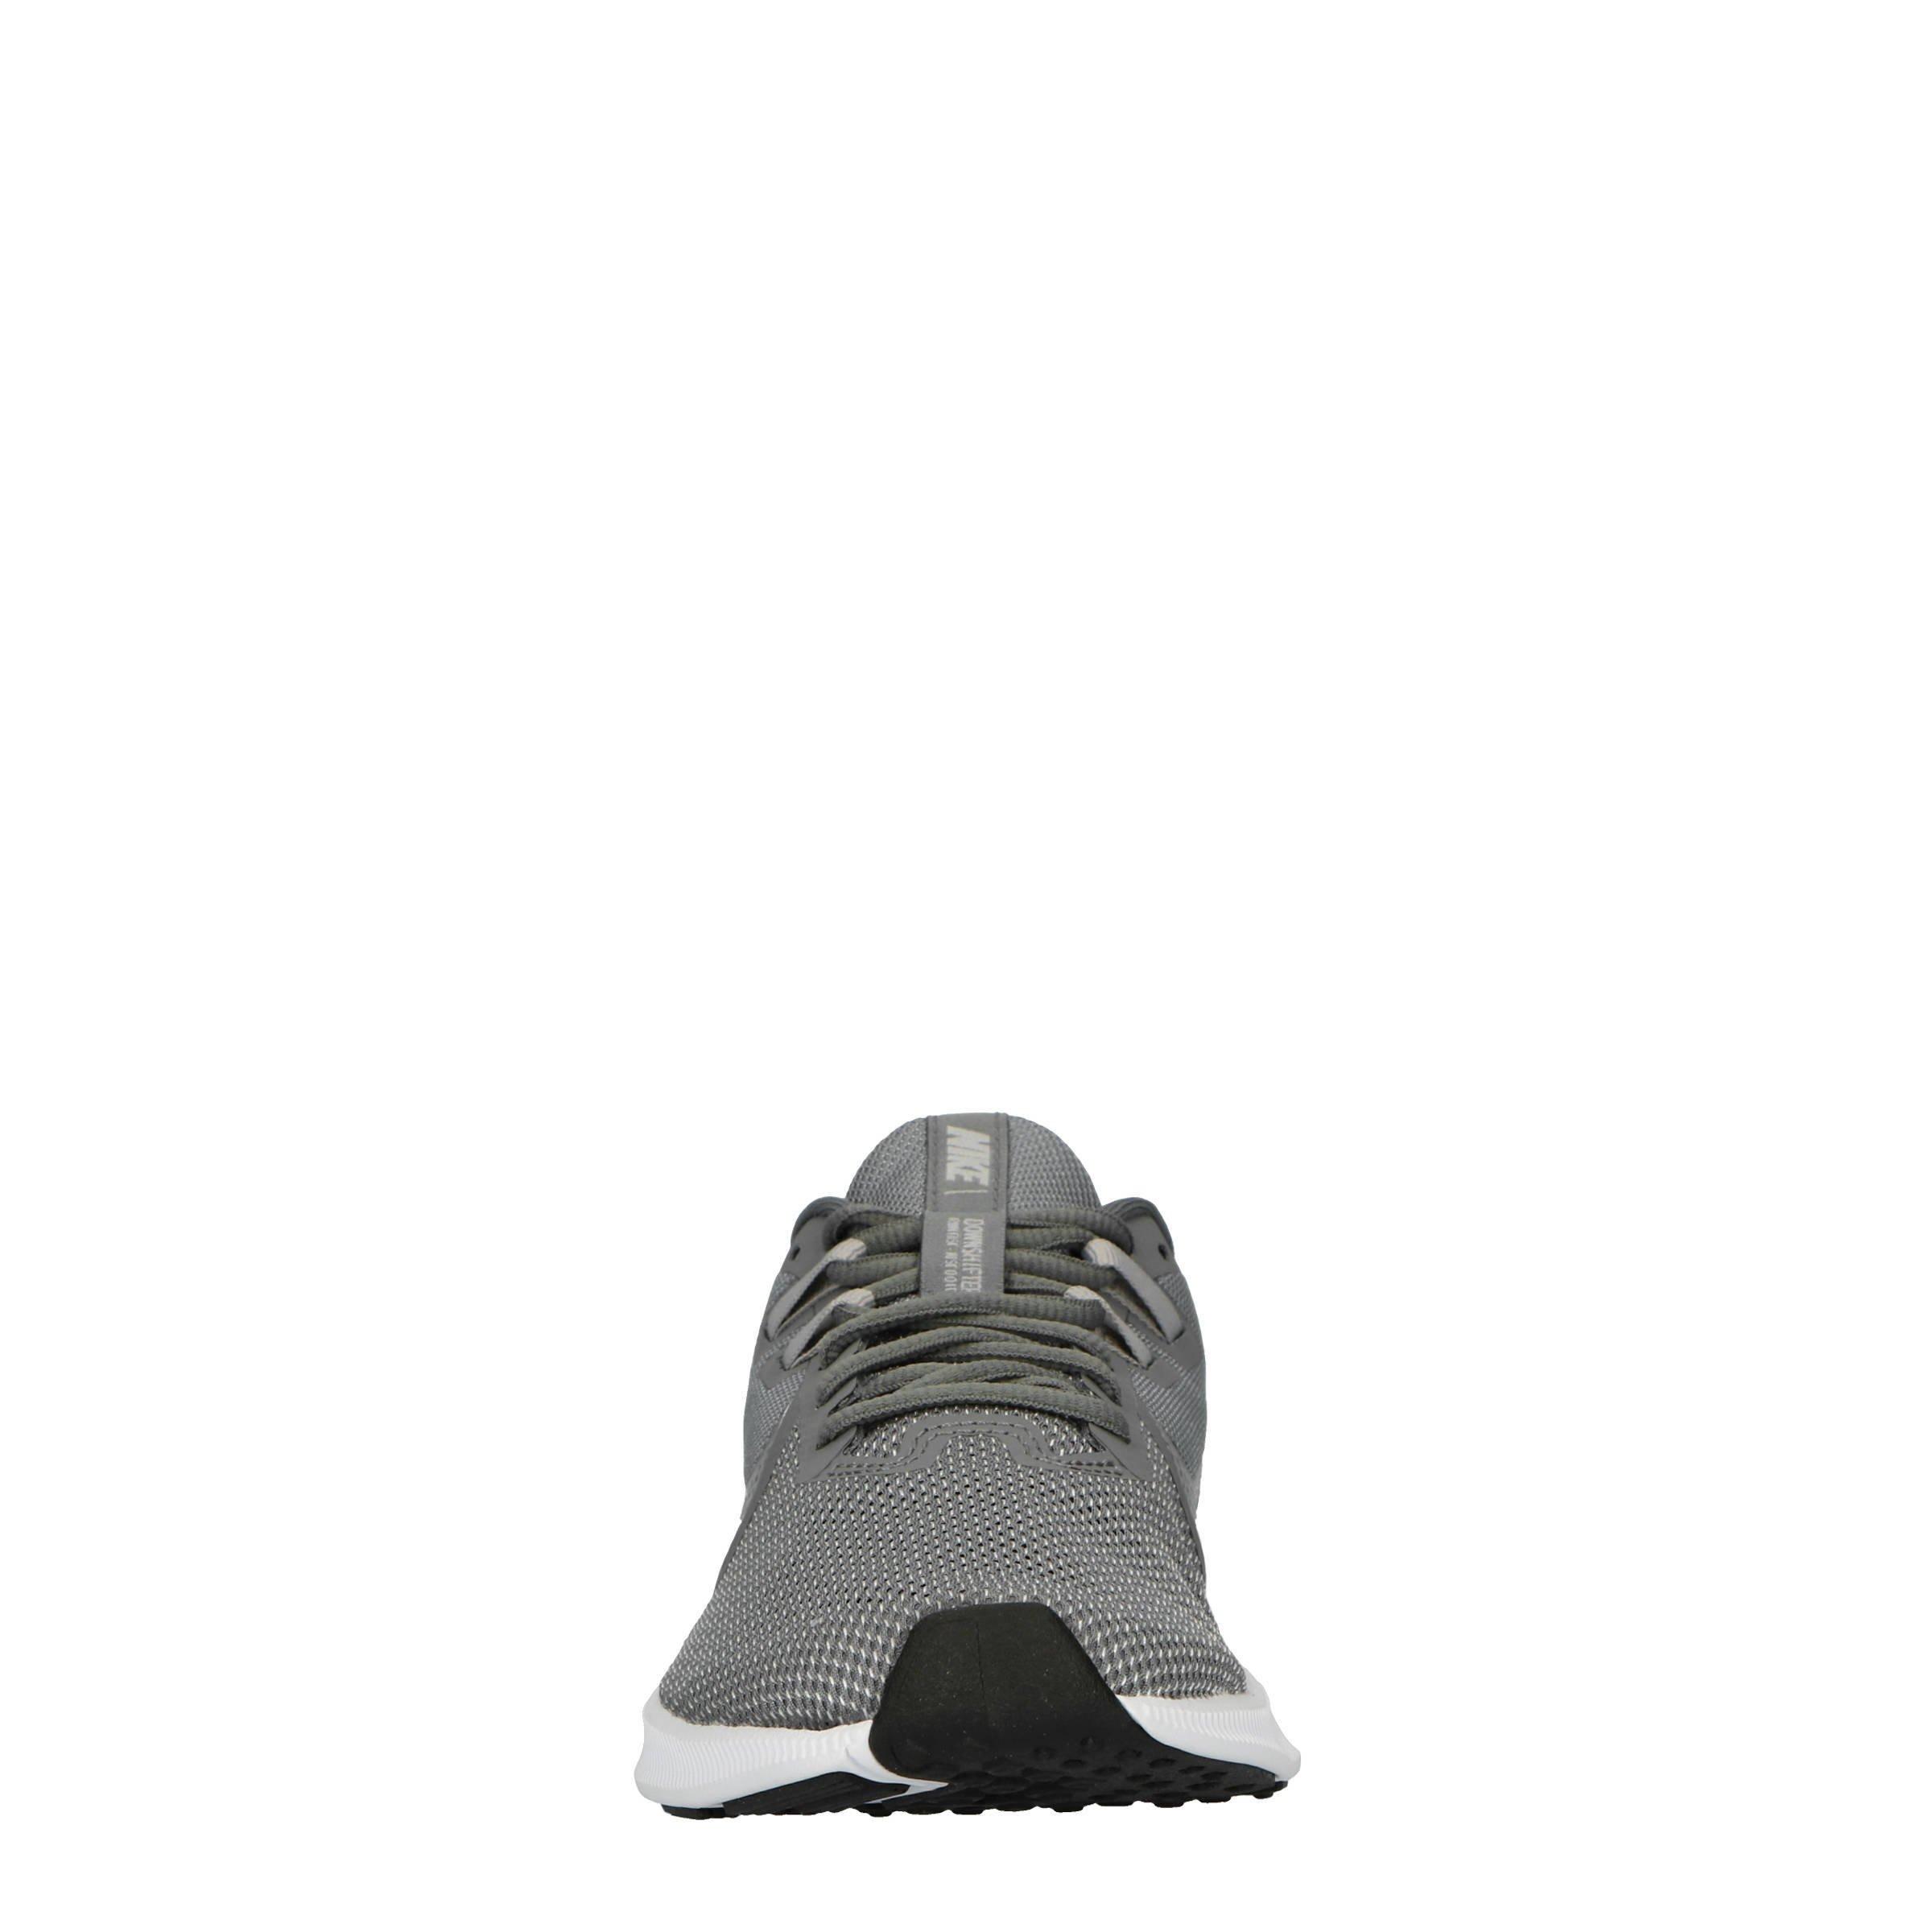 Nike Downshifter 9 hardloopschoenen grijszilver | wehkamp